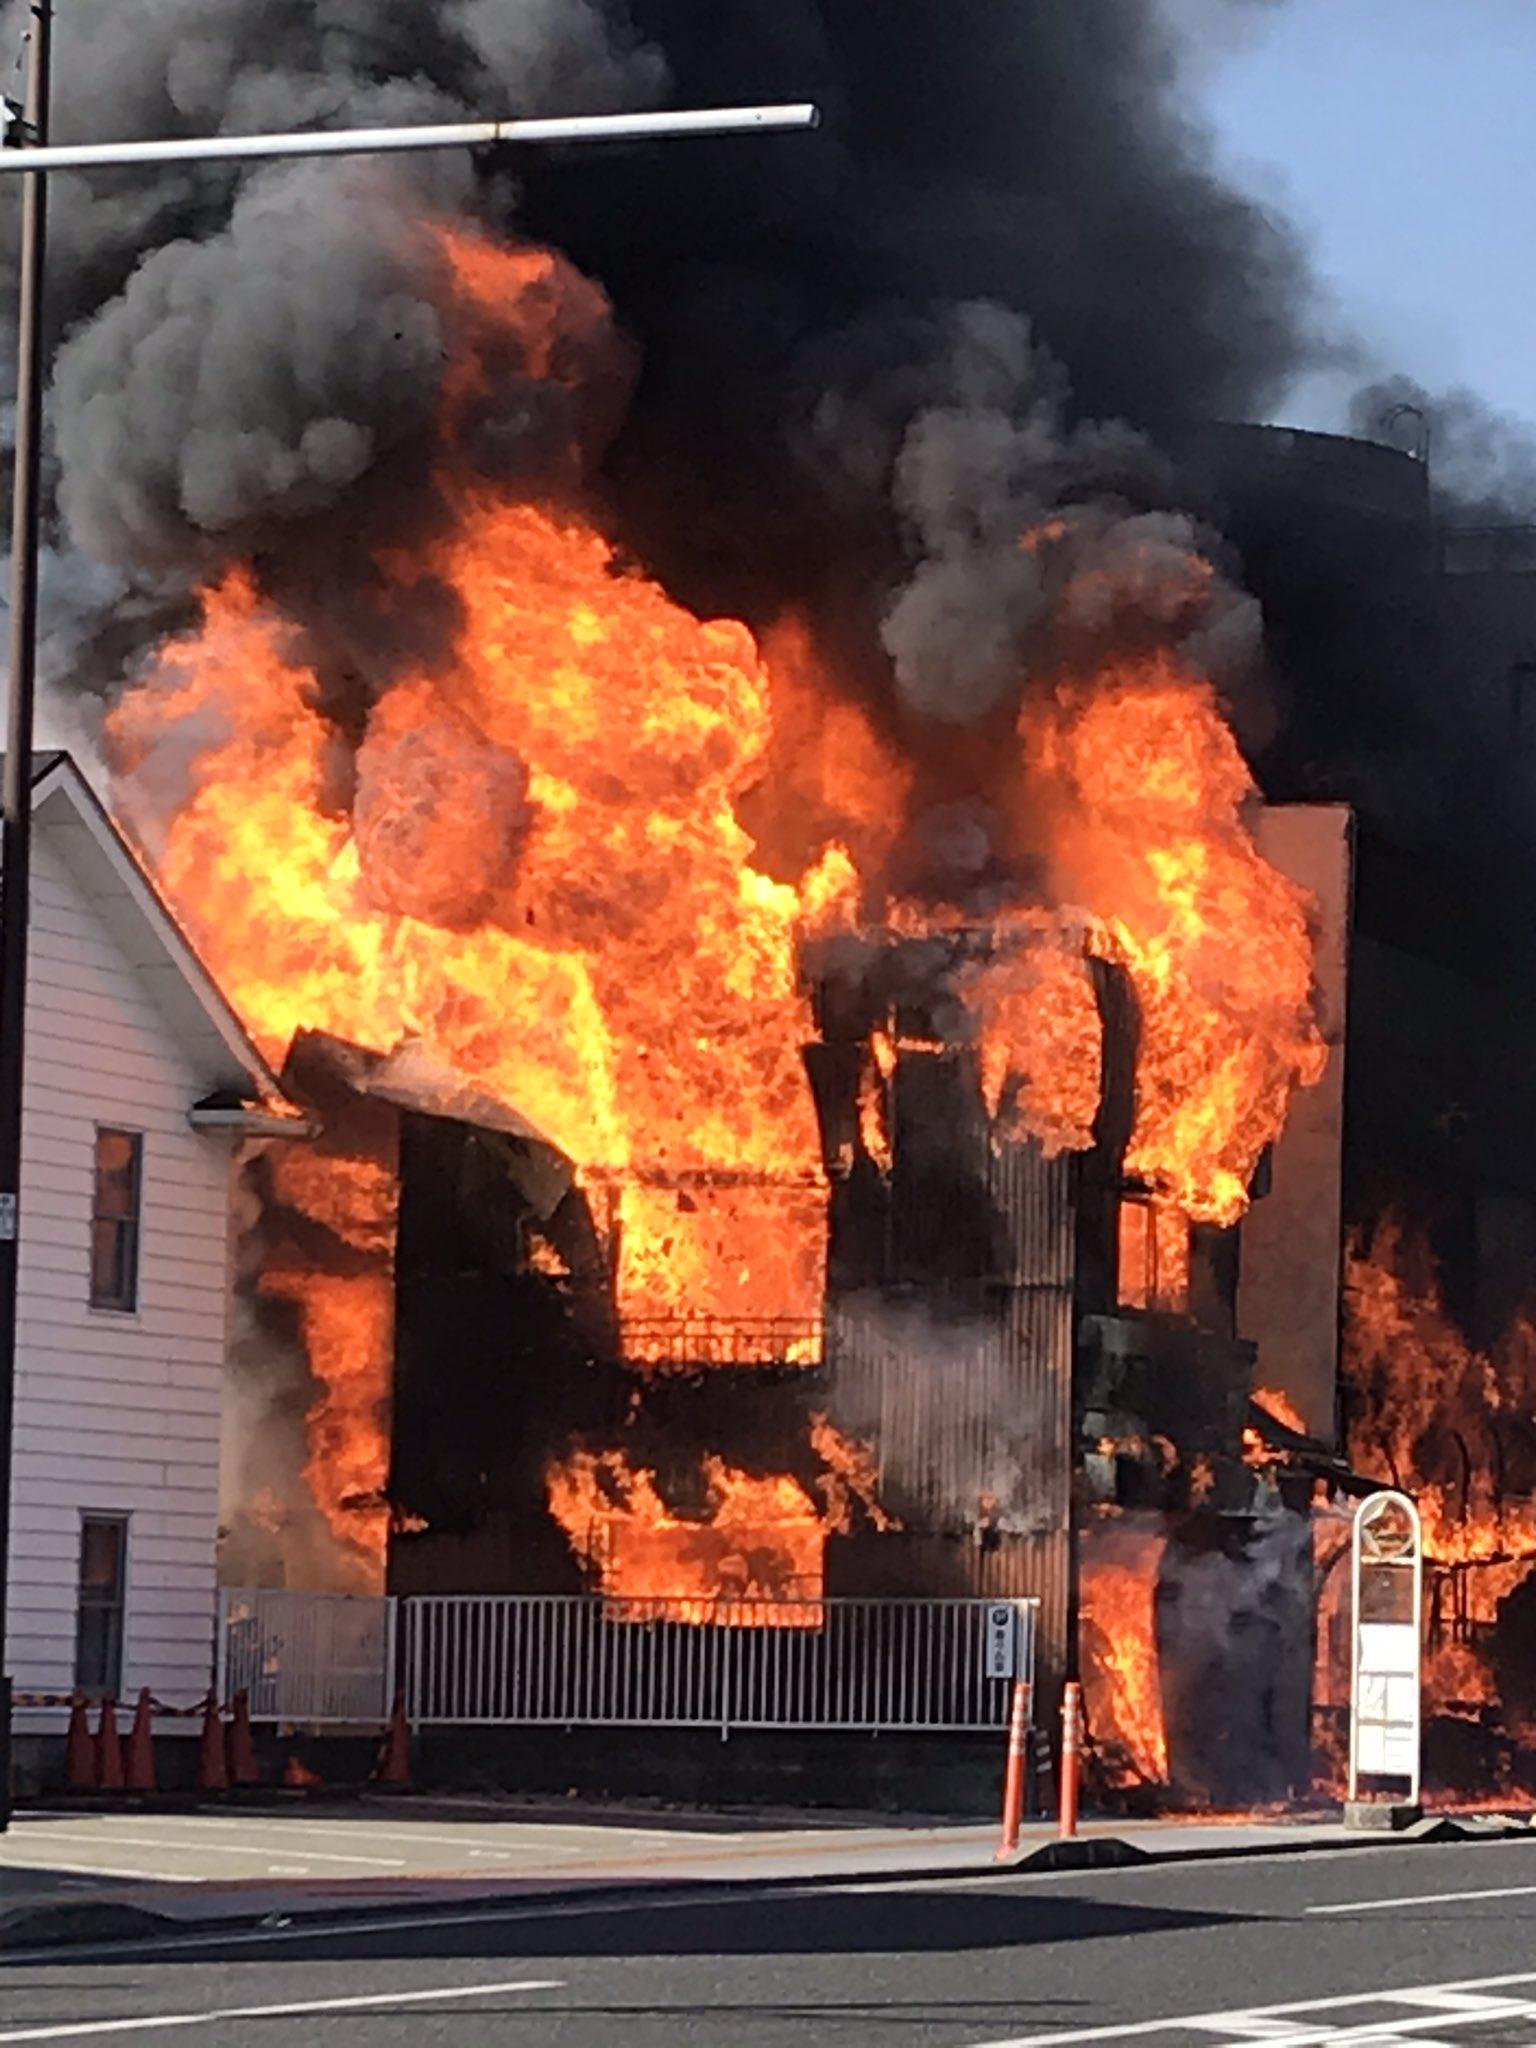 横浜市保土ケ谷区上星川の火災現場の画像